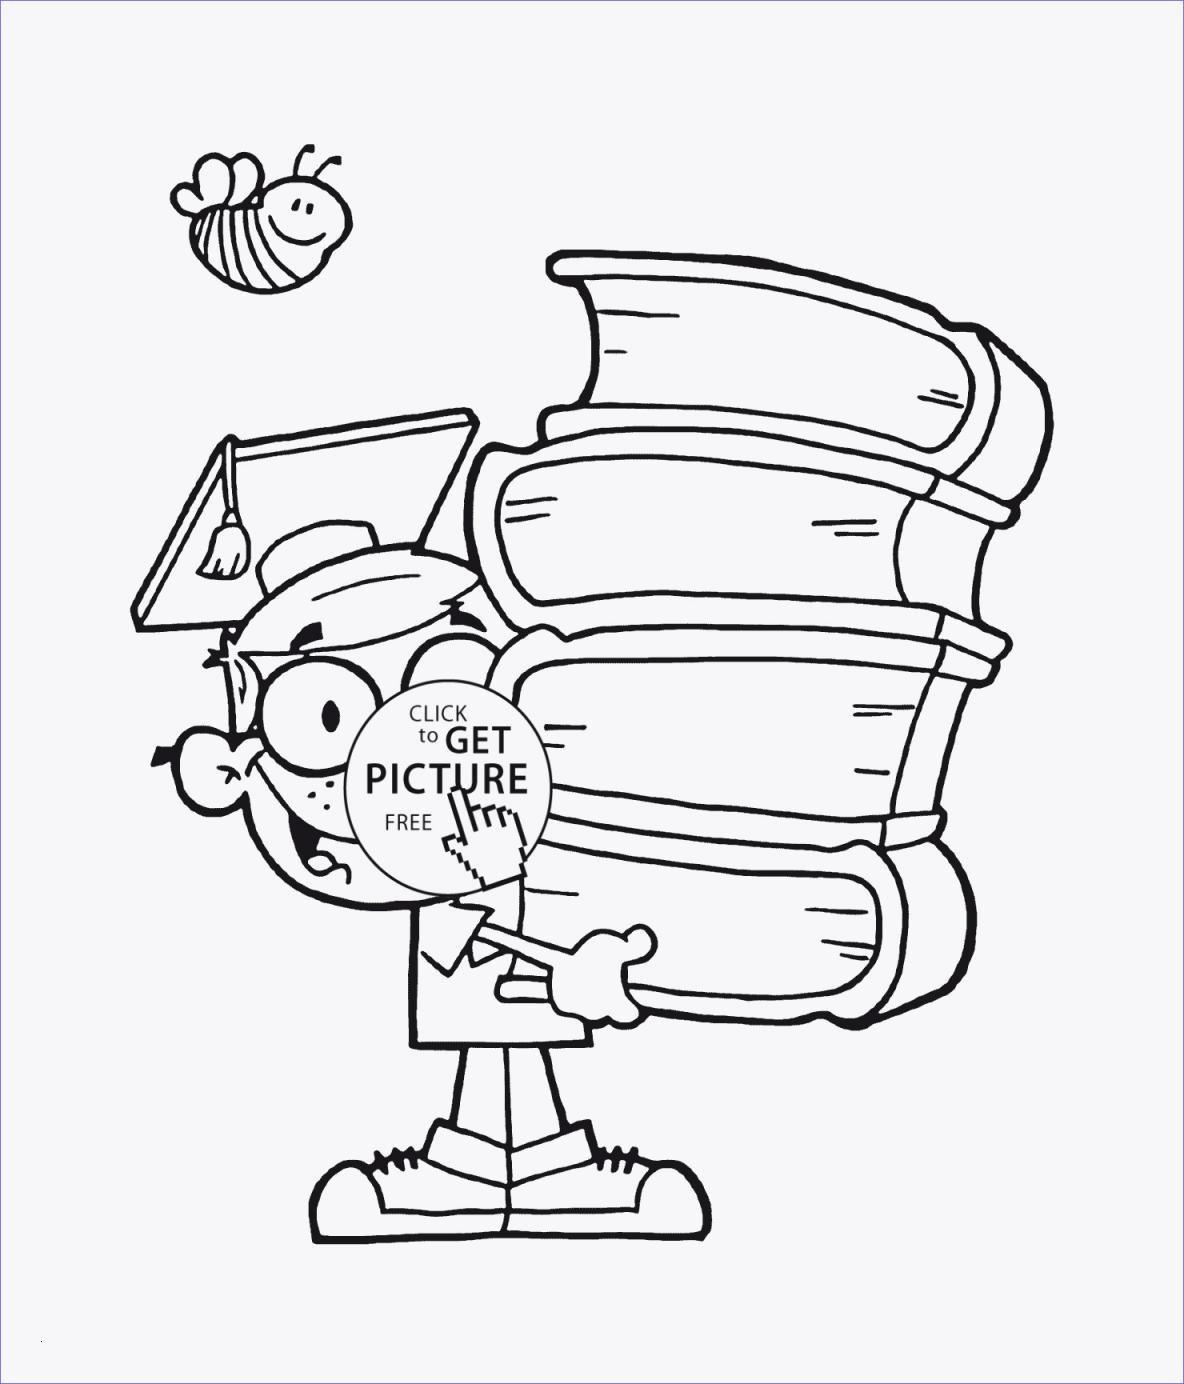 Herbstbild Zum Ausmalen Genial Malvorlagen Igel Frisch Igel Grundschule 0d Archives Uploadertalk Das Bild